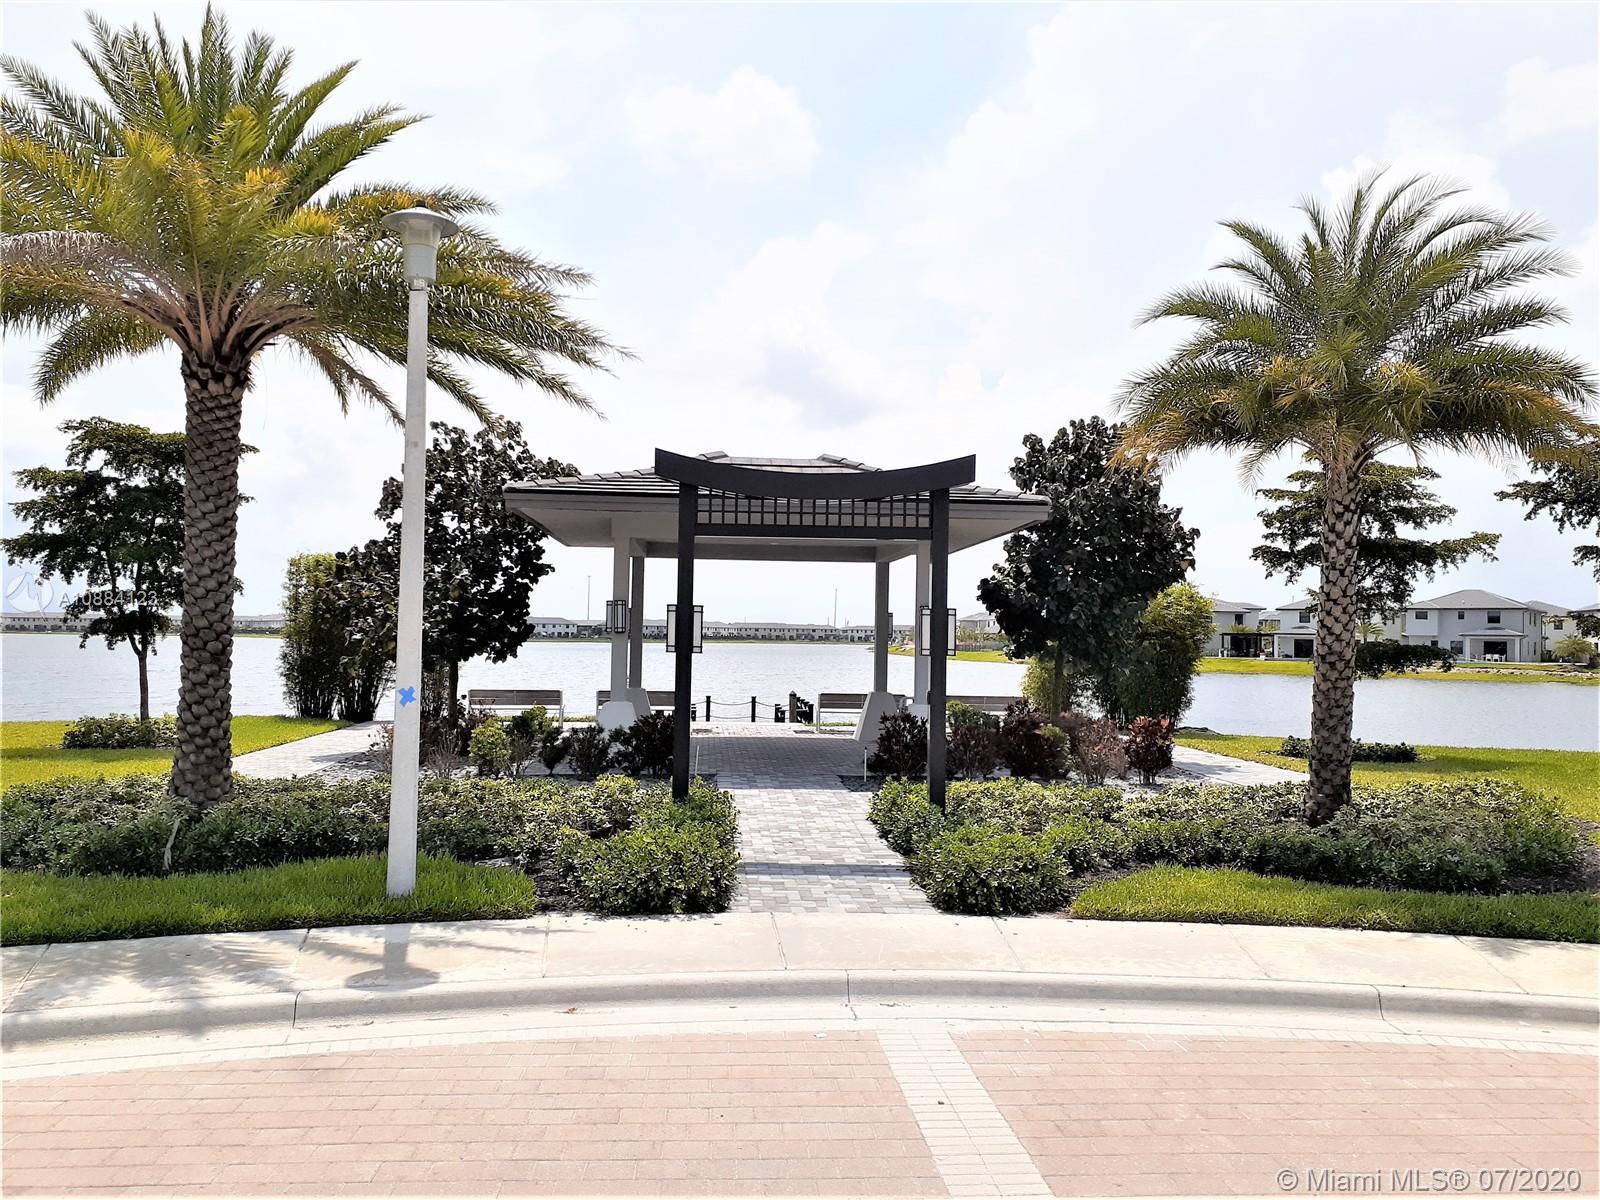 Miami Lakes - 15588 NW 91st Ct, Miami Lakes, FL 33018